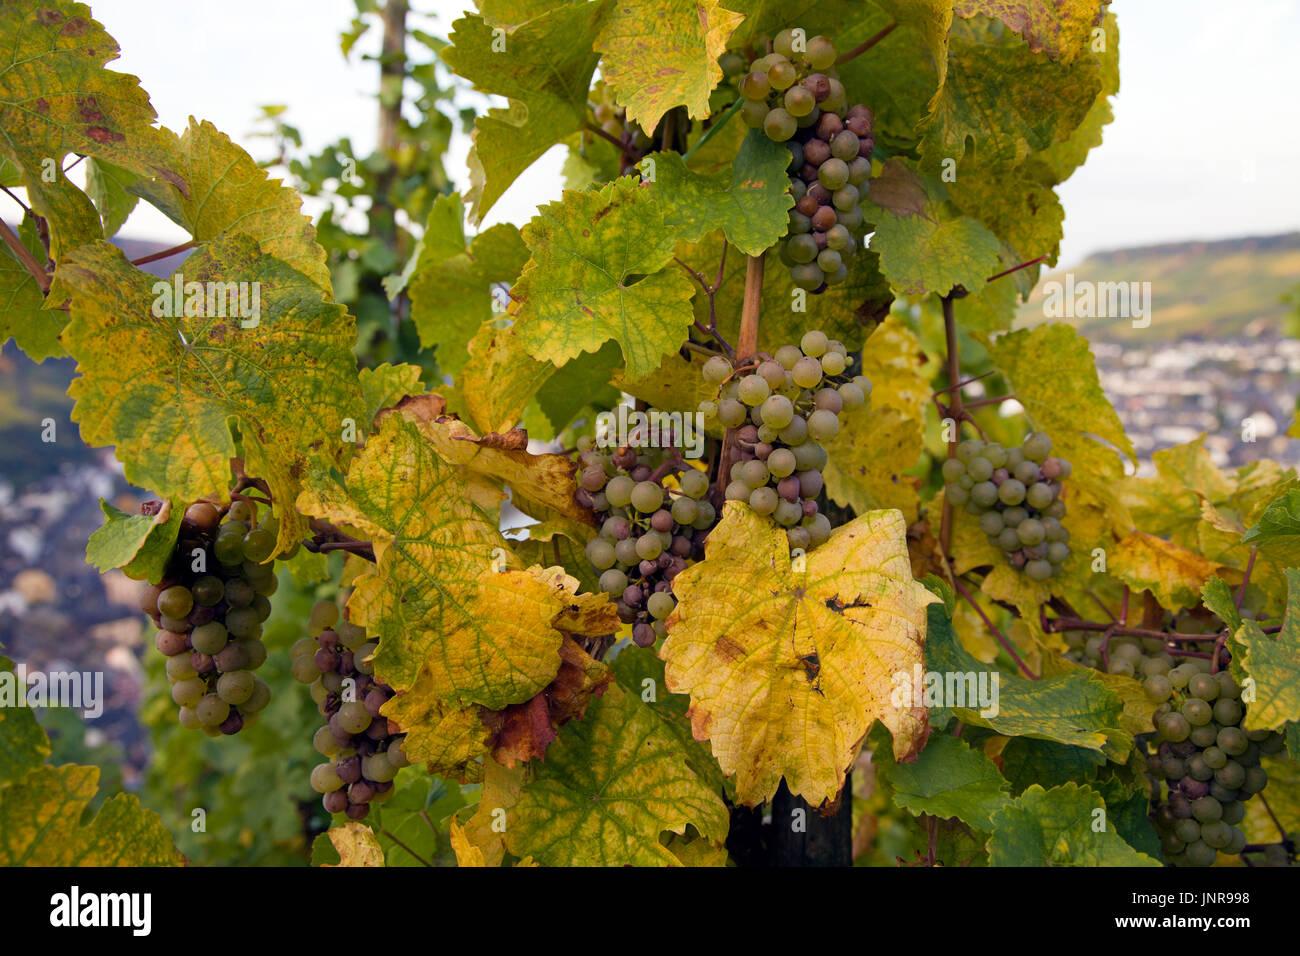 Weinstock mit weissen Weintrauben bei Bernkastel-Kues, Mittelmosel, Rheinland-Pfalz, Deutschland, Europa | Vine Stock Photo